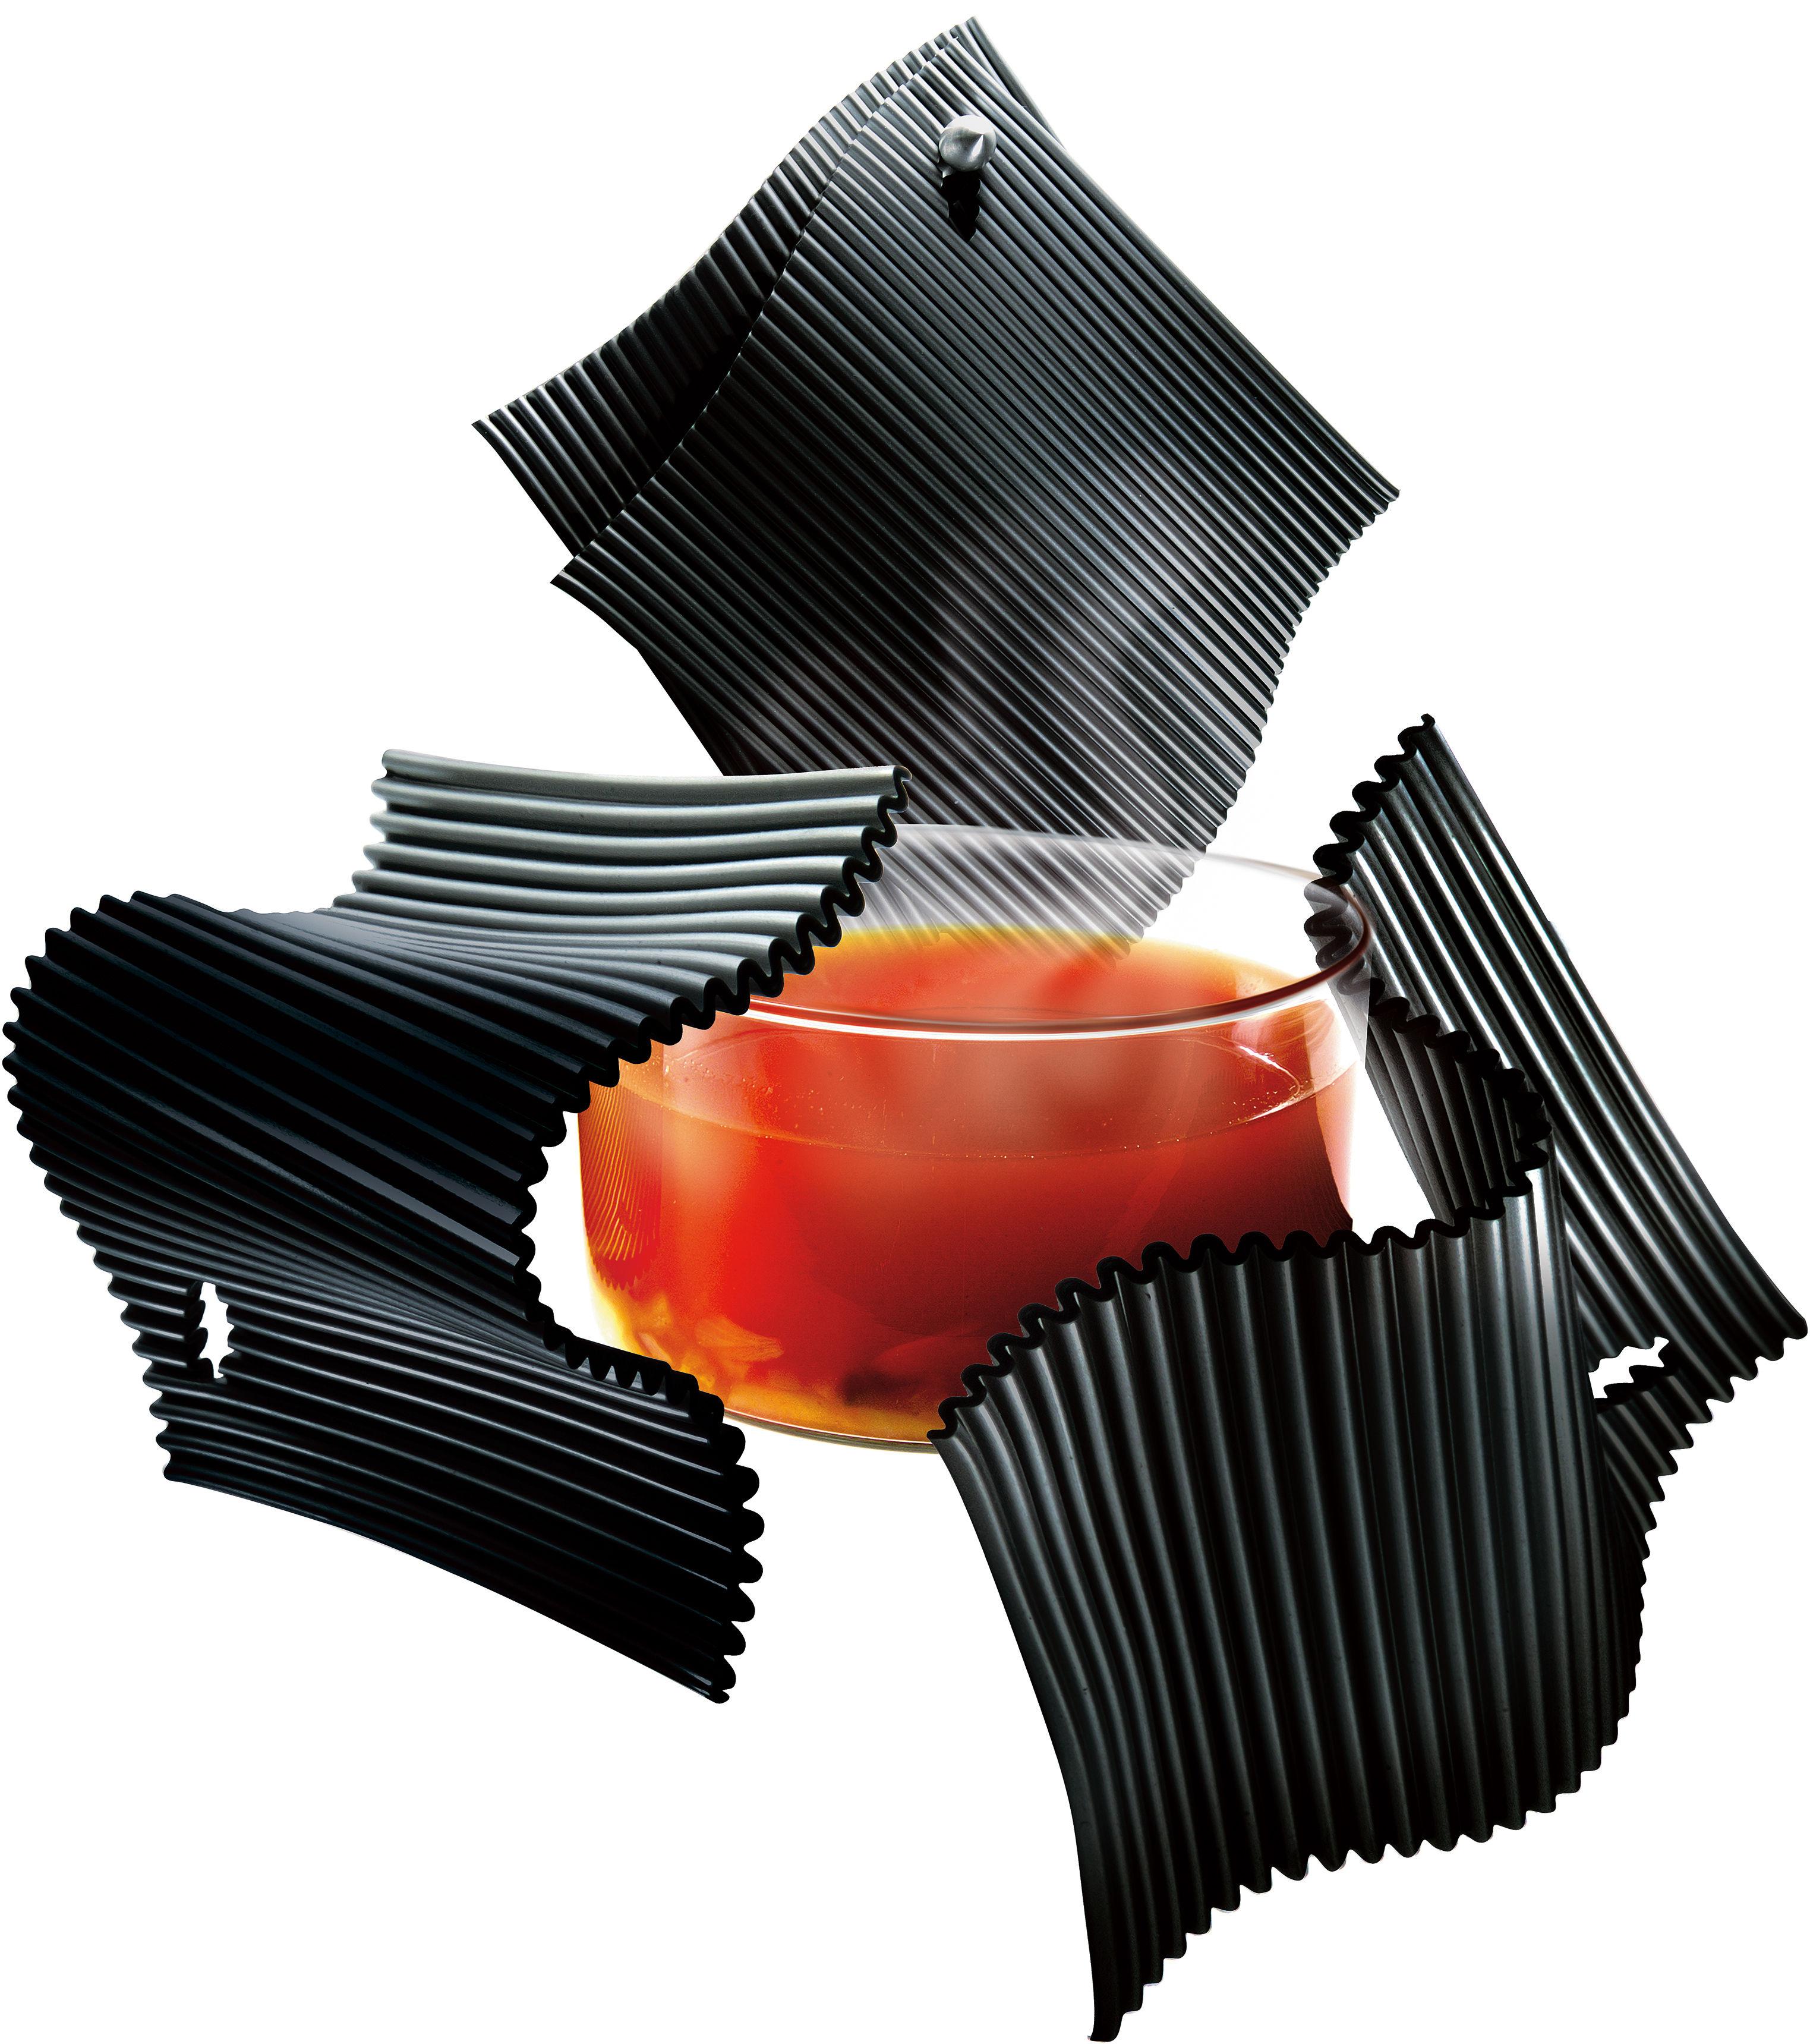 Cuisine - Pratique & malin - Manique en silicone / Lot de 2 + patère - Eva Solo - Noir - Silicone